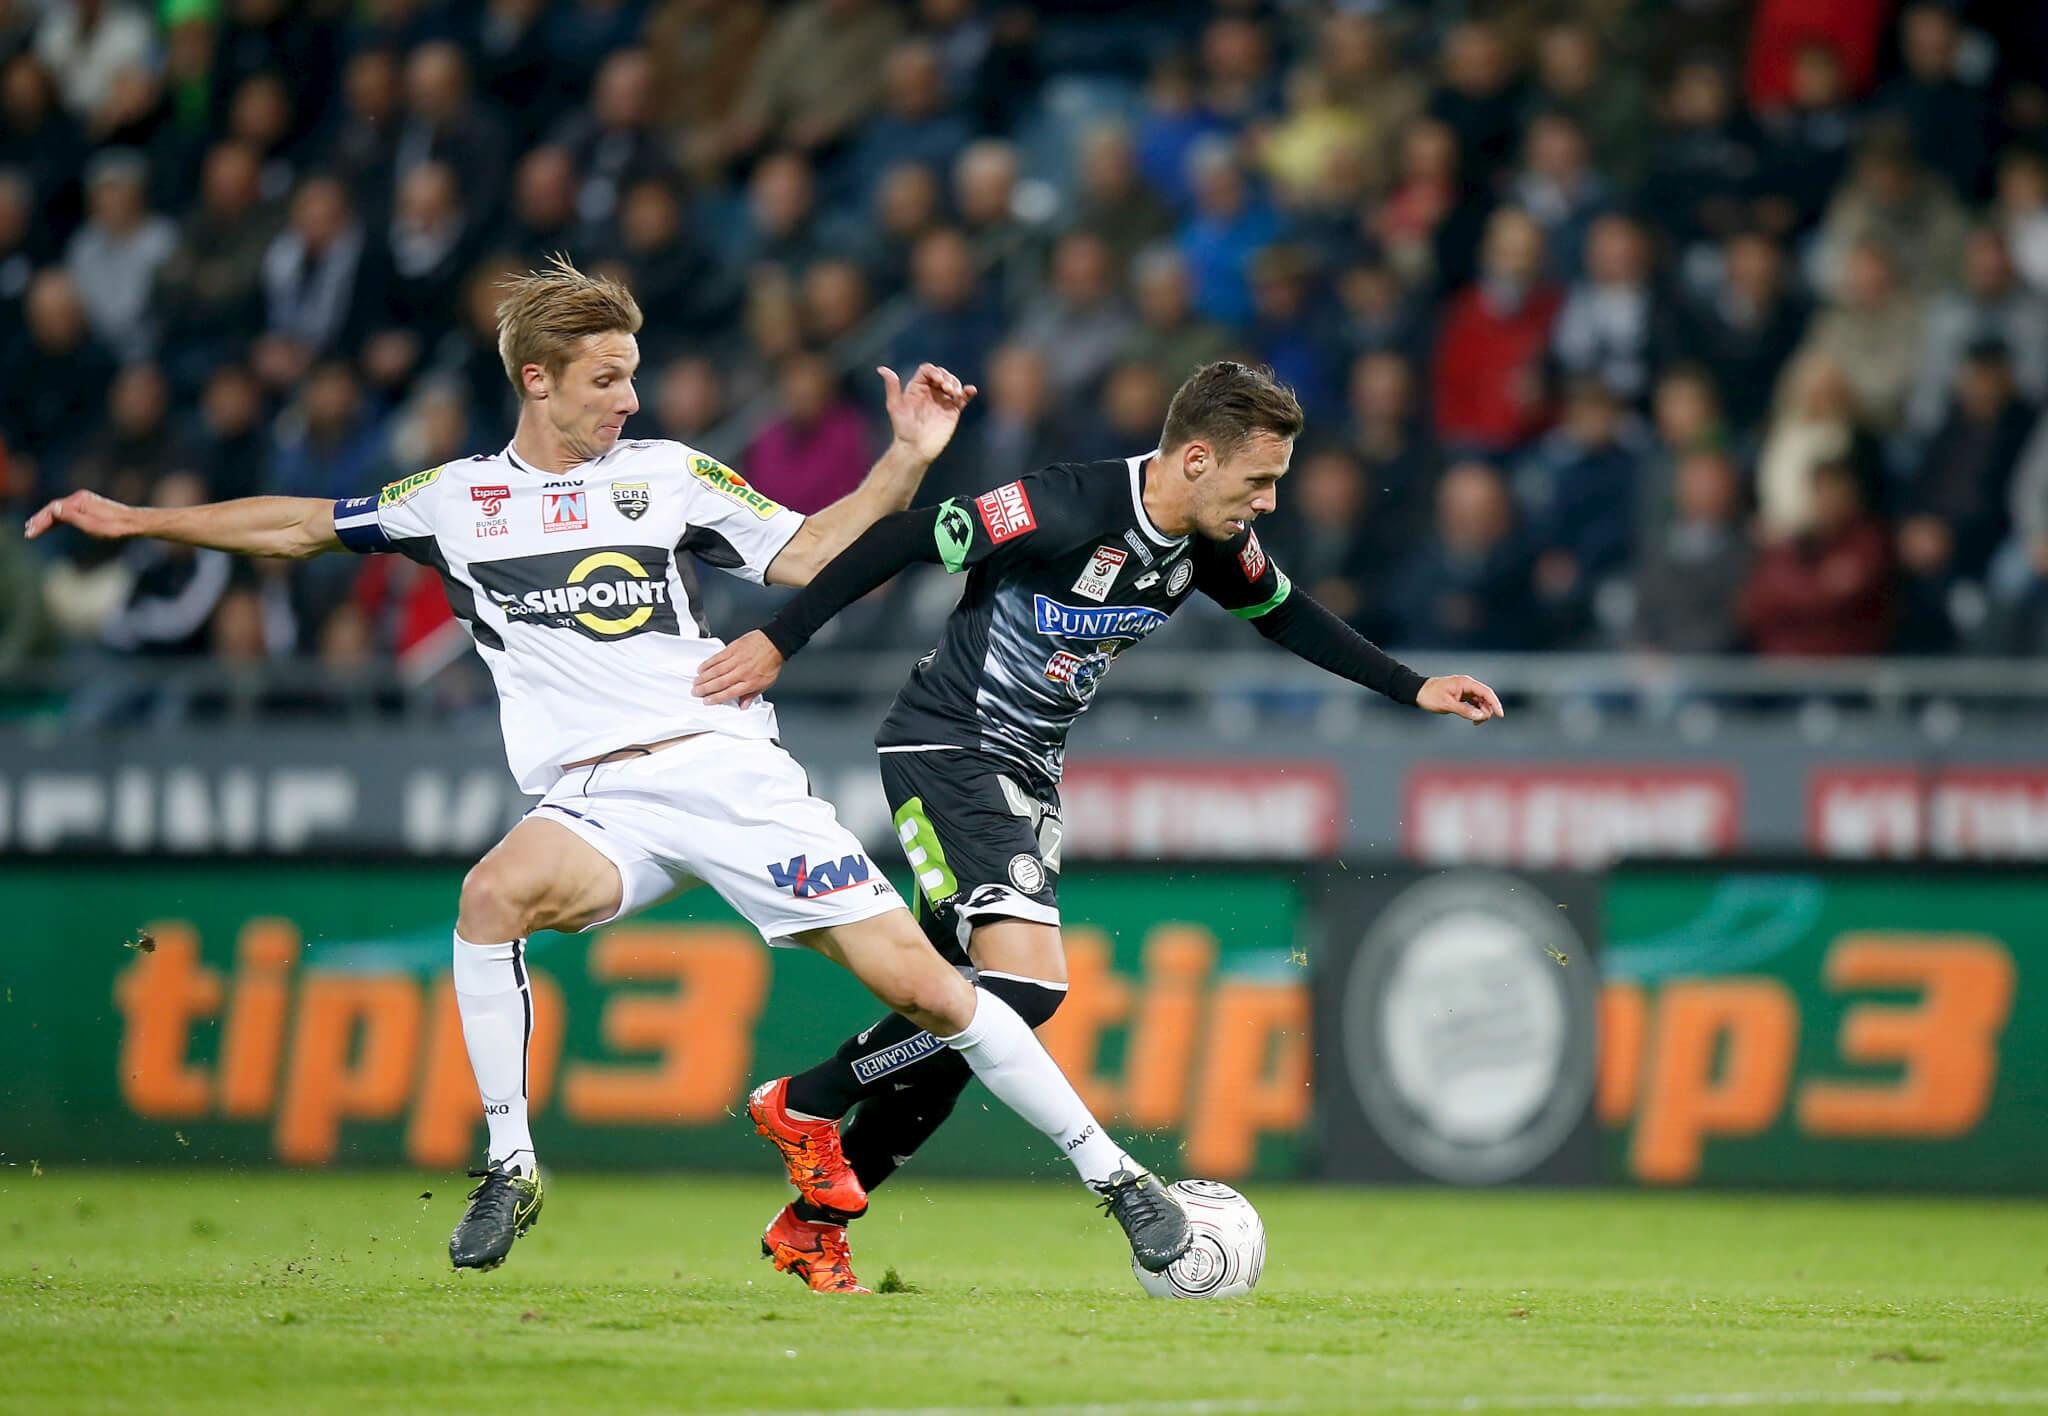 In der Hinrunde gewannen die Grazer in Liebenau mit 3:1 (Foto: © GEPA pictures/ tipp3)